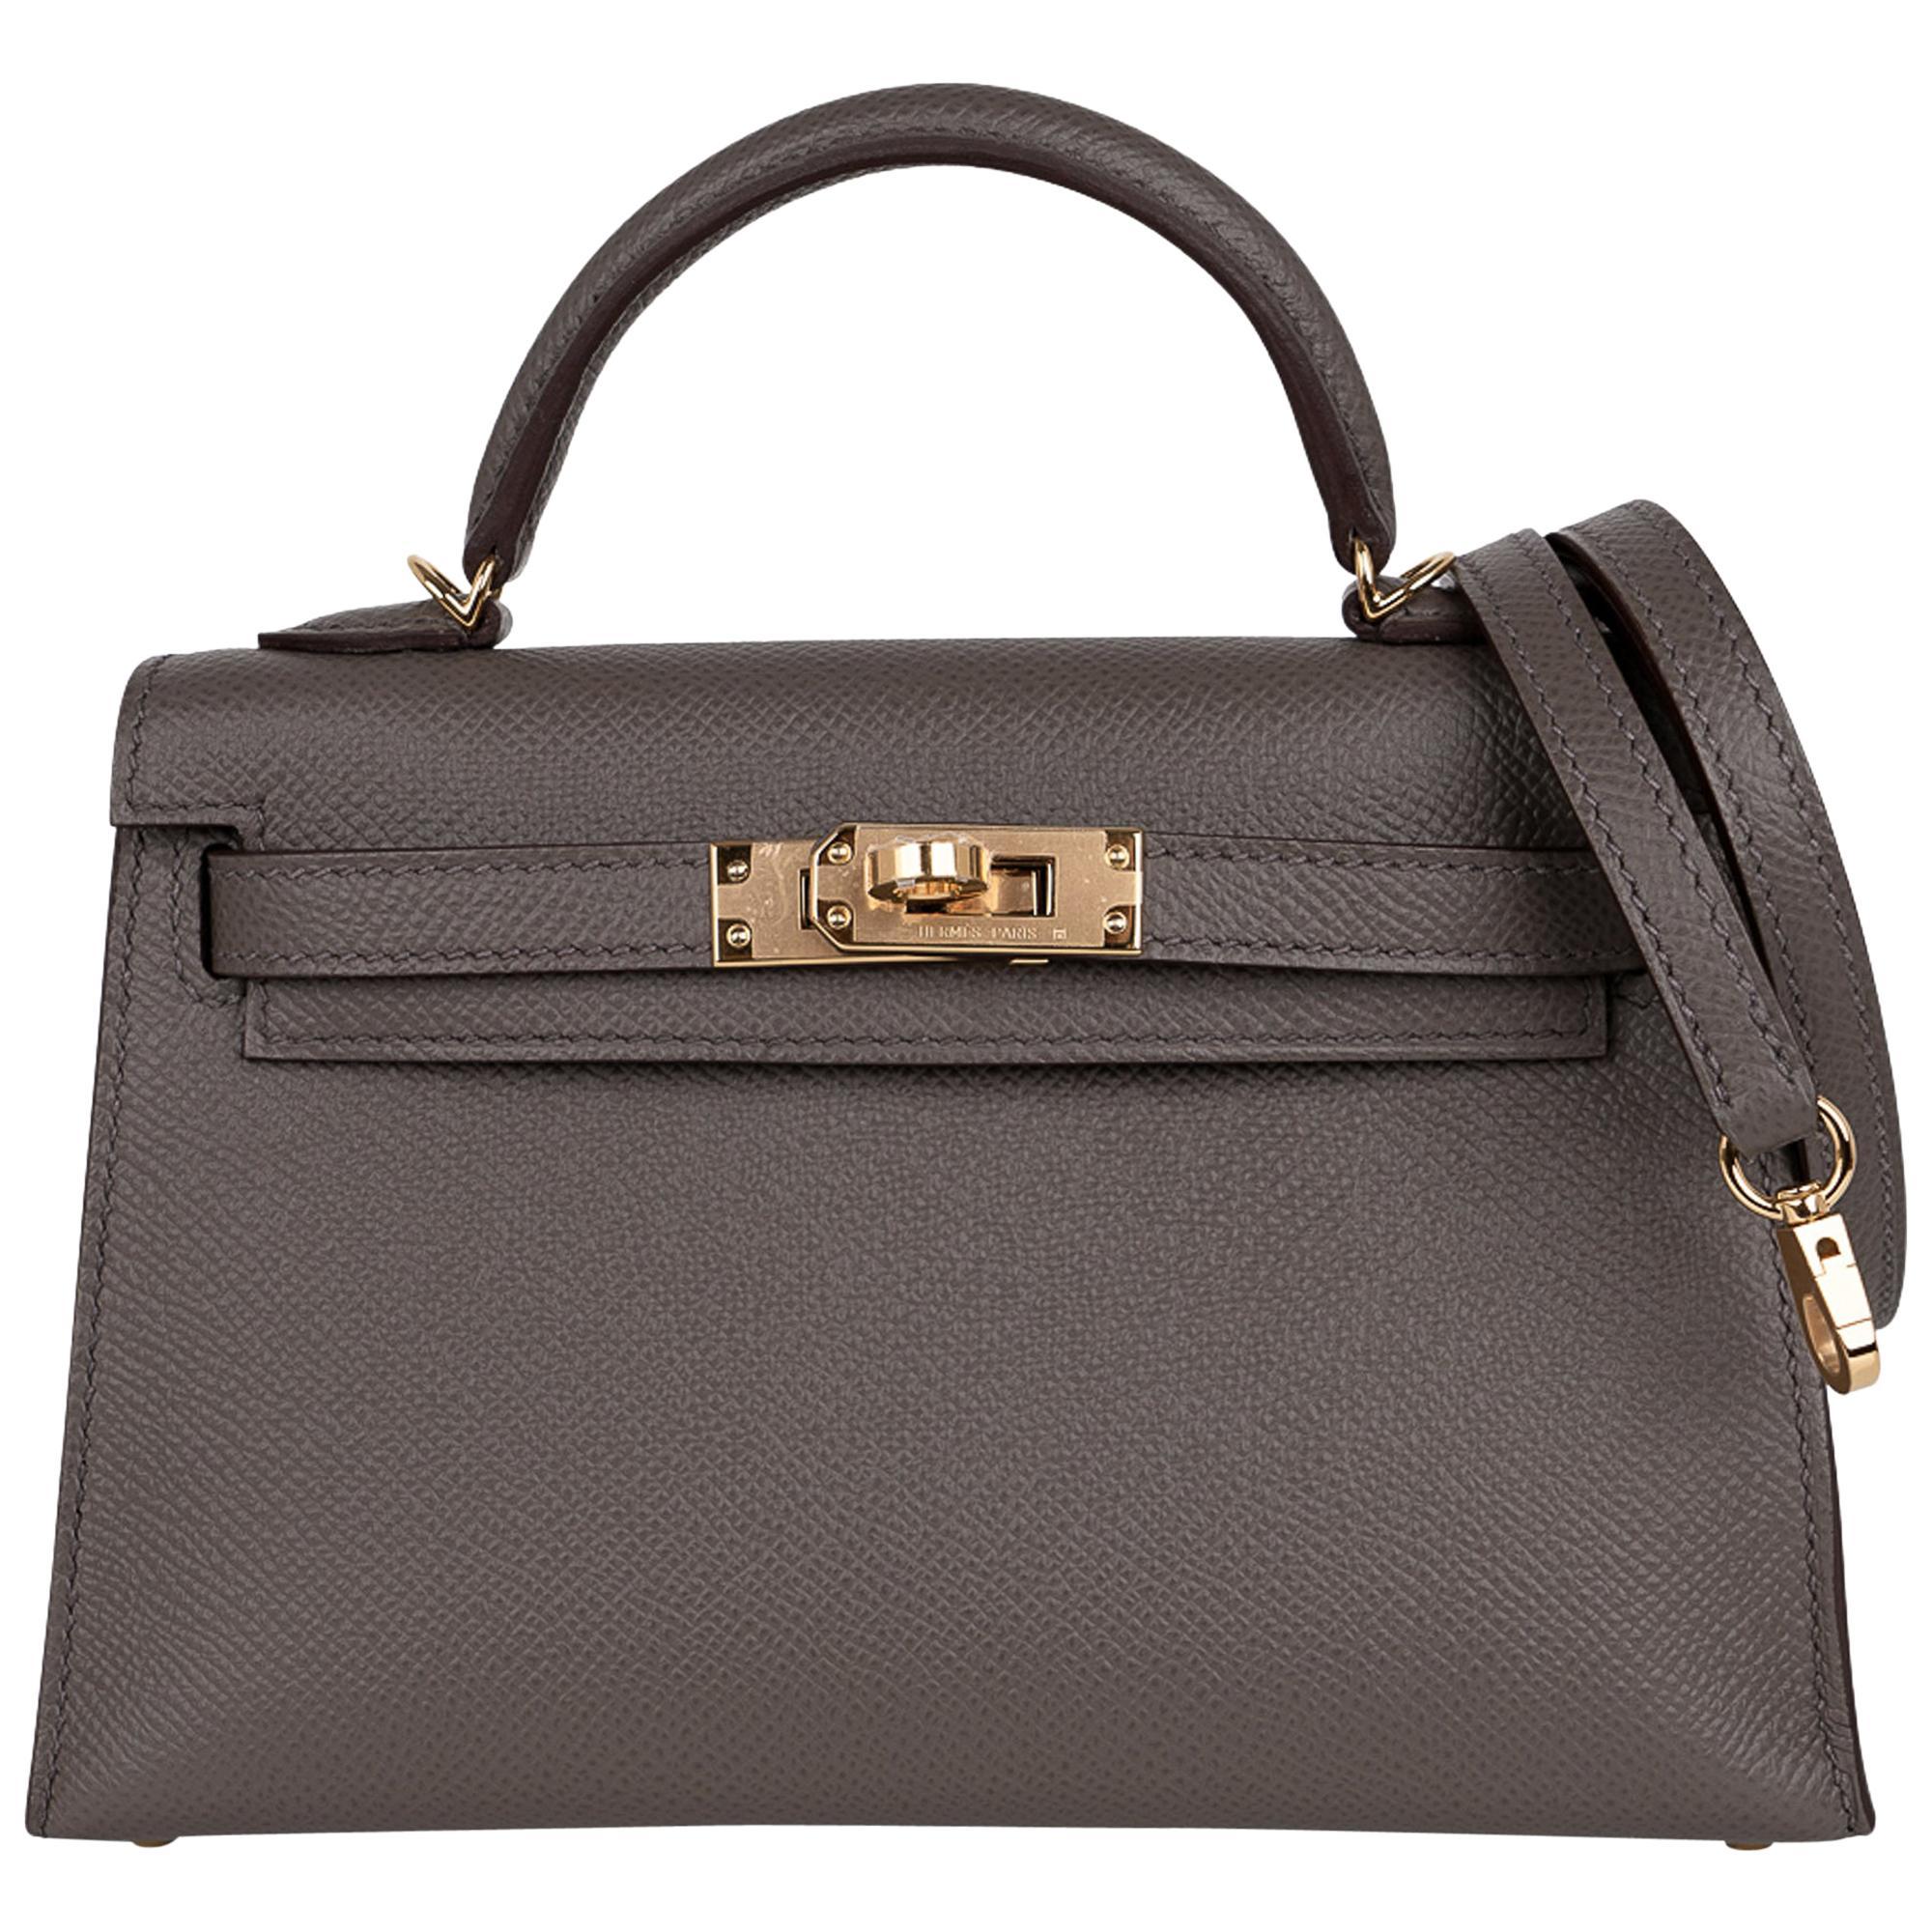 Hermes Kelly 20 Mini Sellier Bag Etain Epsom Leather Gold Hardware